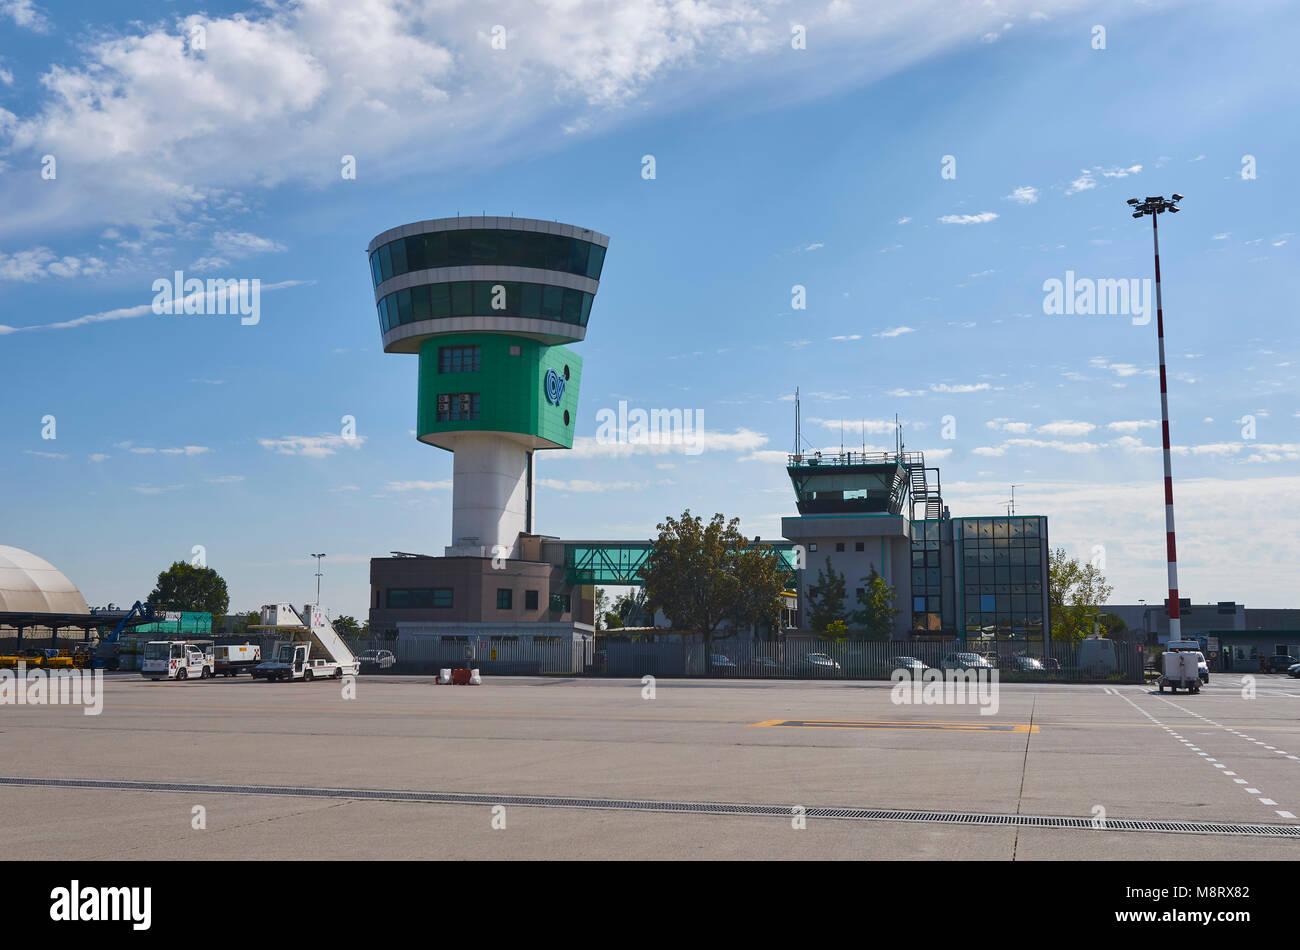 Aeroporto Orio Al Serio : Zzzleepandgo bgy orio al serio u updated prices